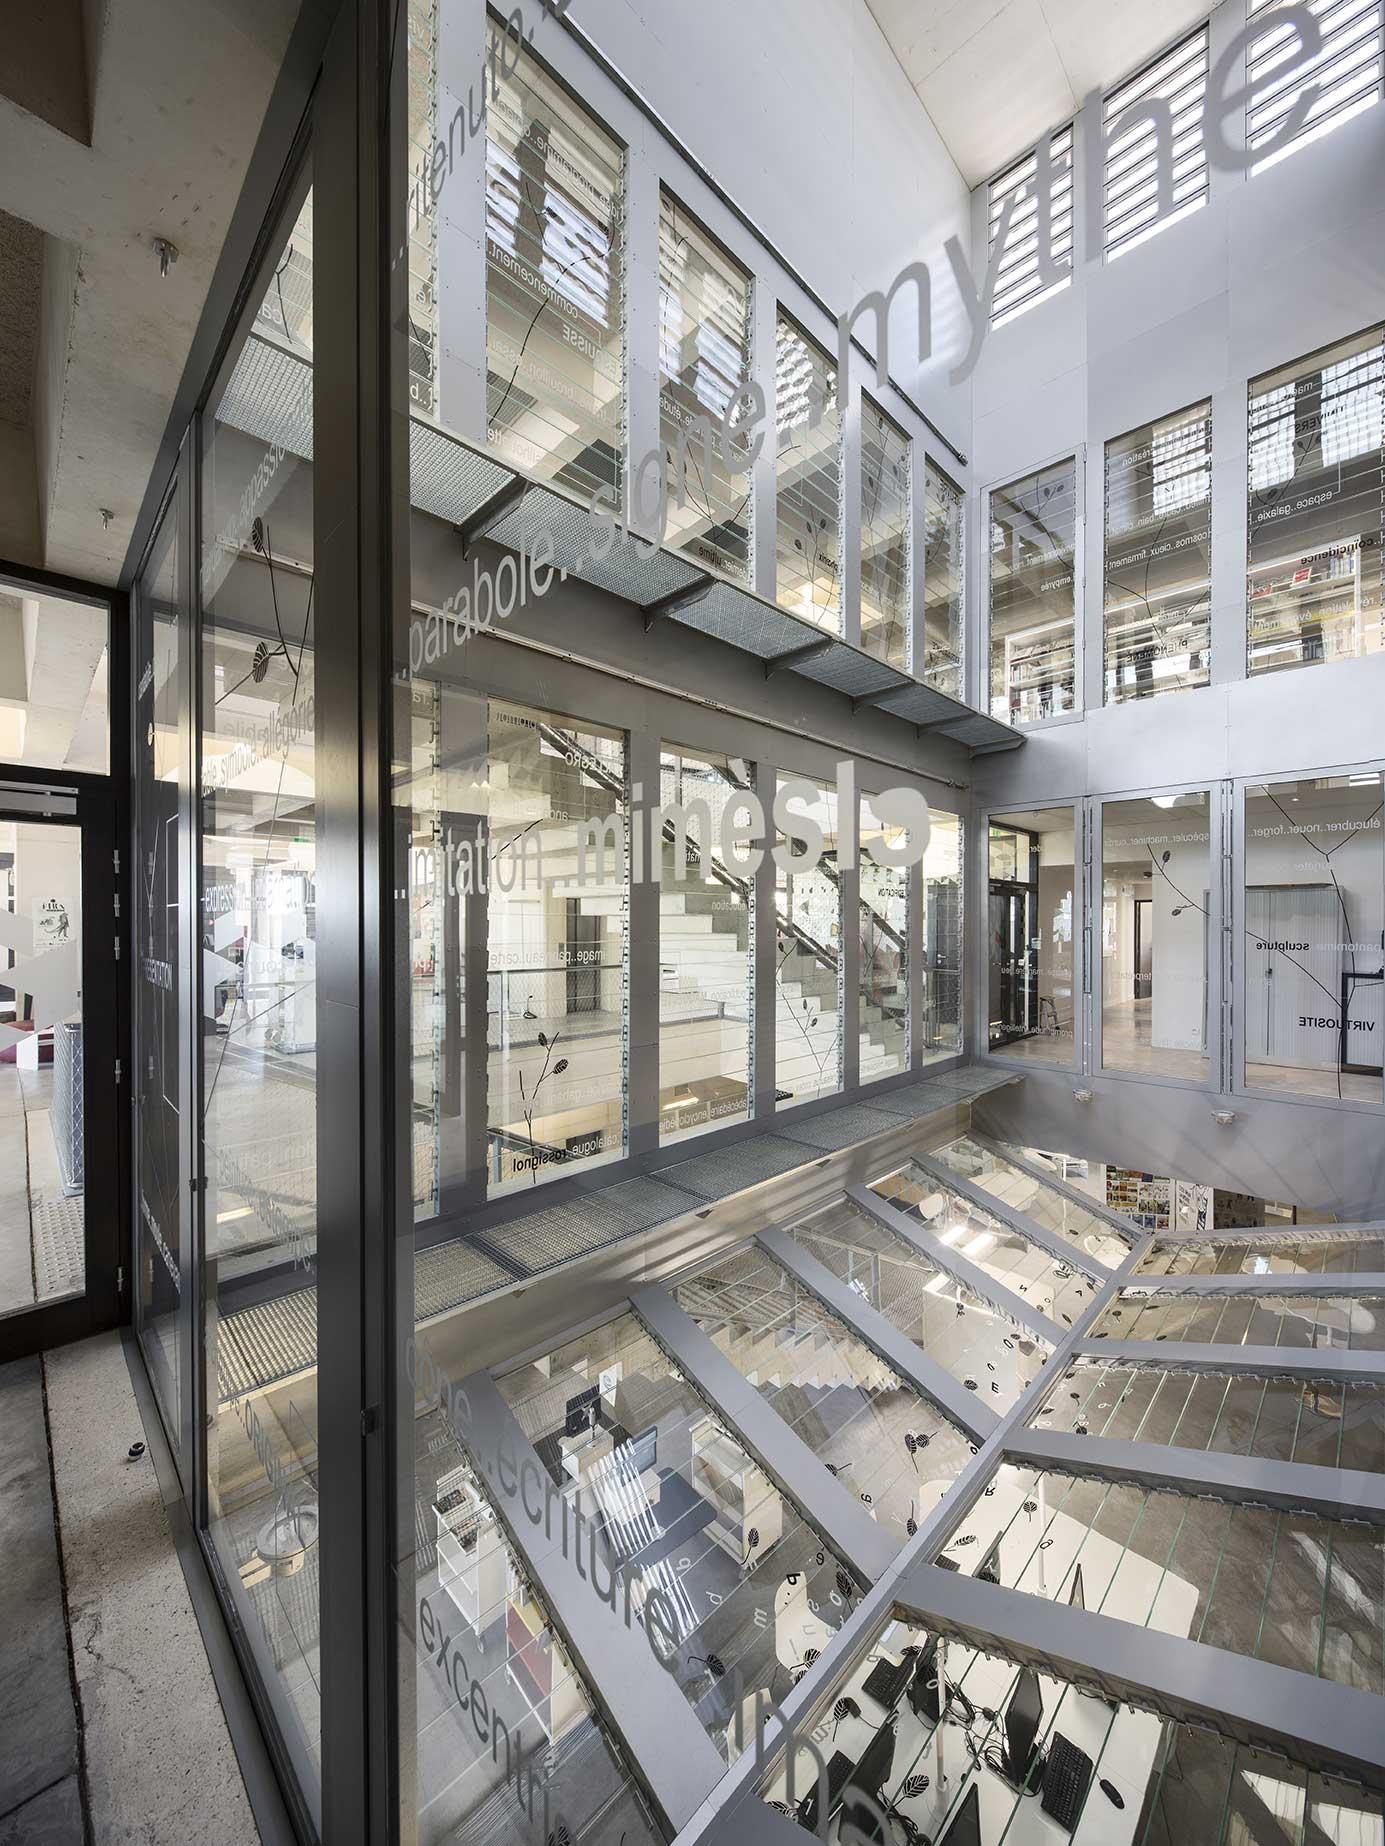 Tautem architecture - mediatheque Montaigne Frontignan - boite à vent